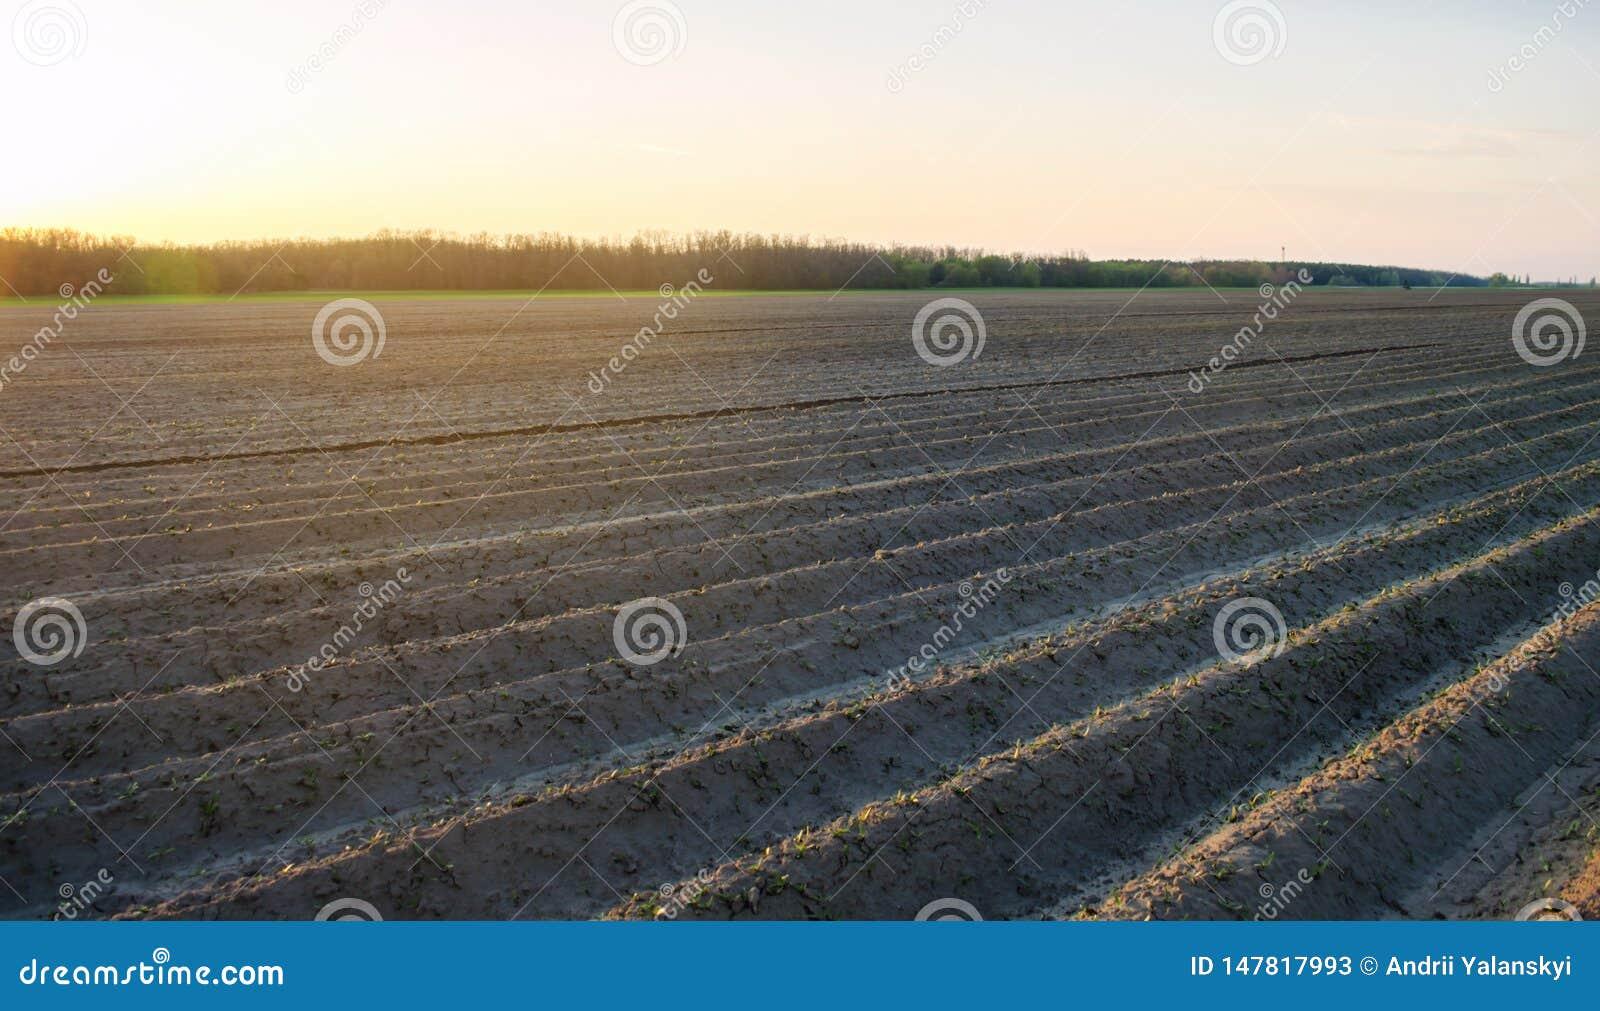 Campo arado ap?s o cultivo para plantar colheitas agr?colas Paisagem com terra agr?cola camas para plantas Agricultura,